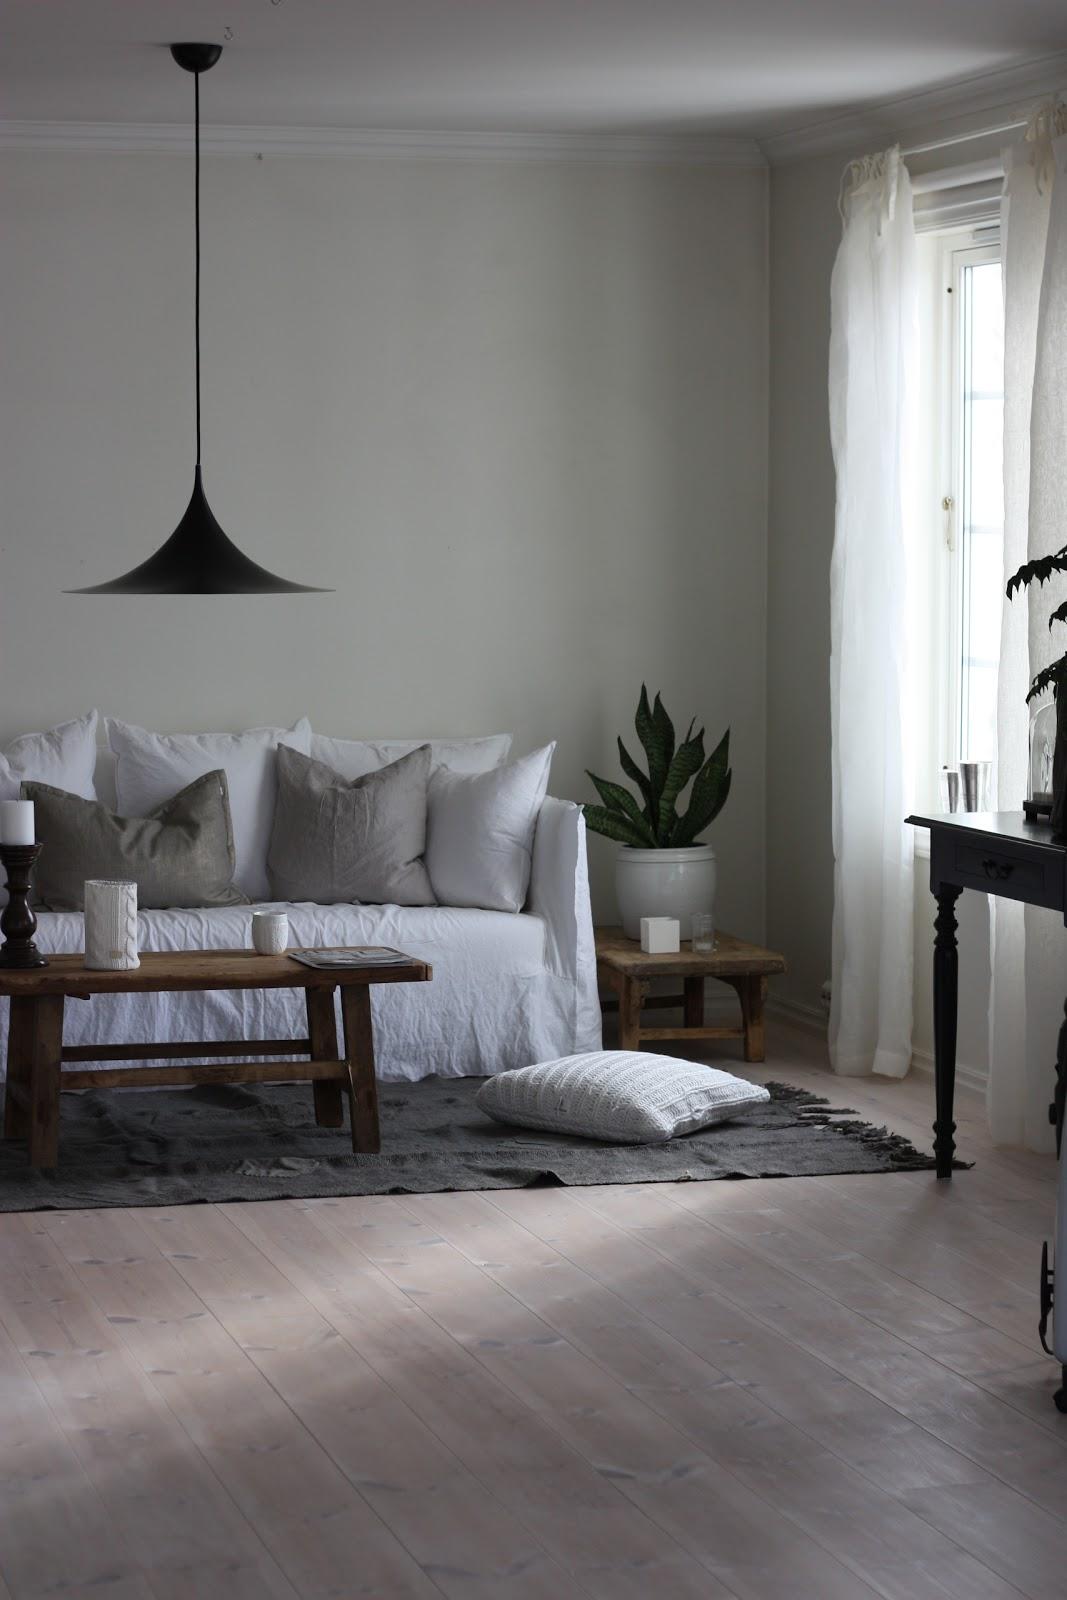 myhome og len m bel varmt og personlig. Black Bedroom Furniture Sets. Home Design Ideas